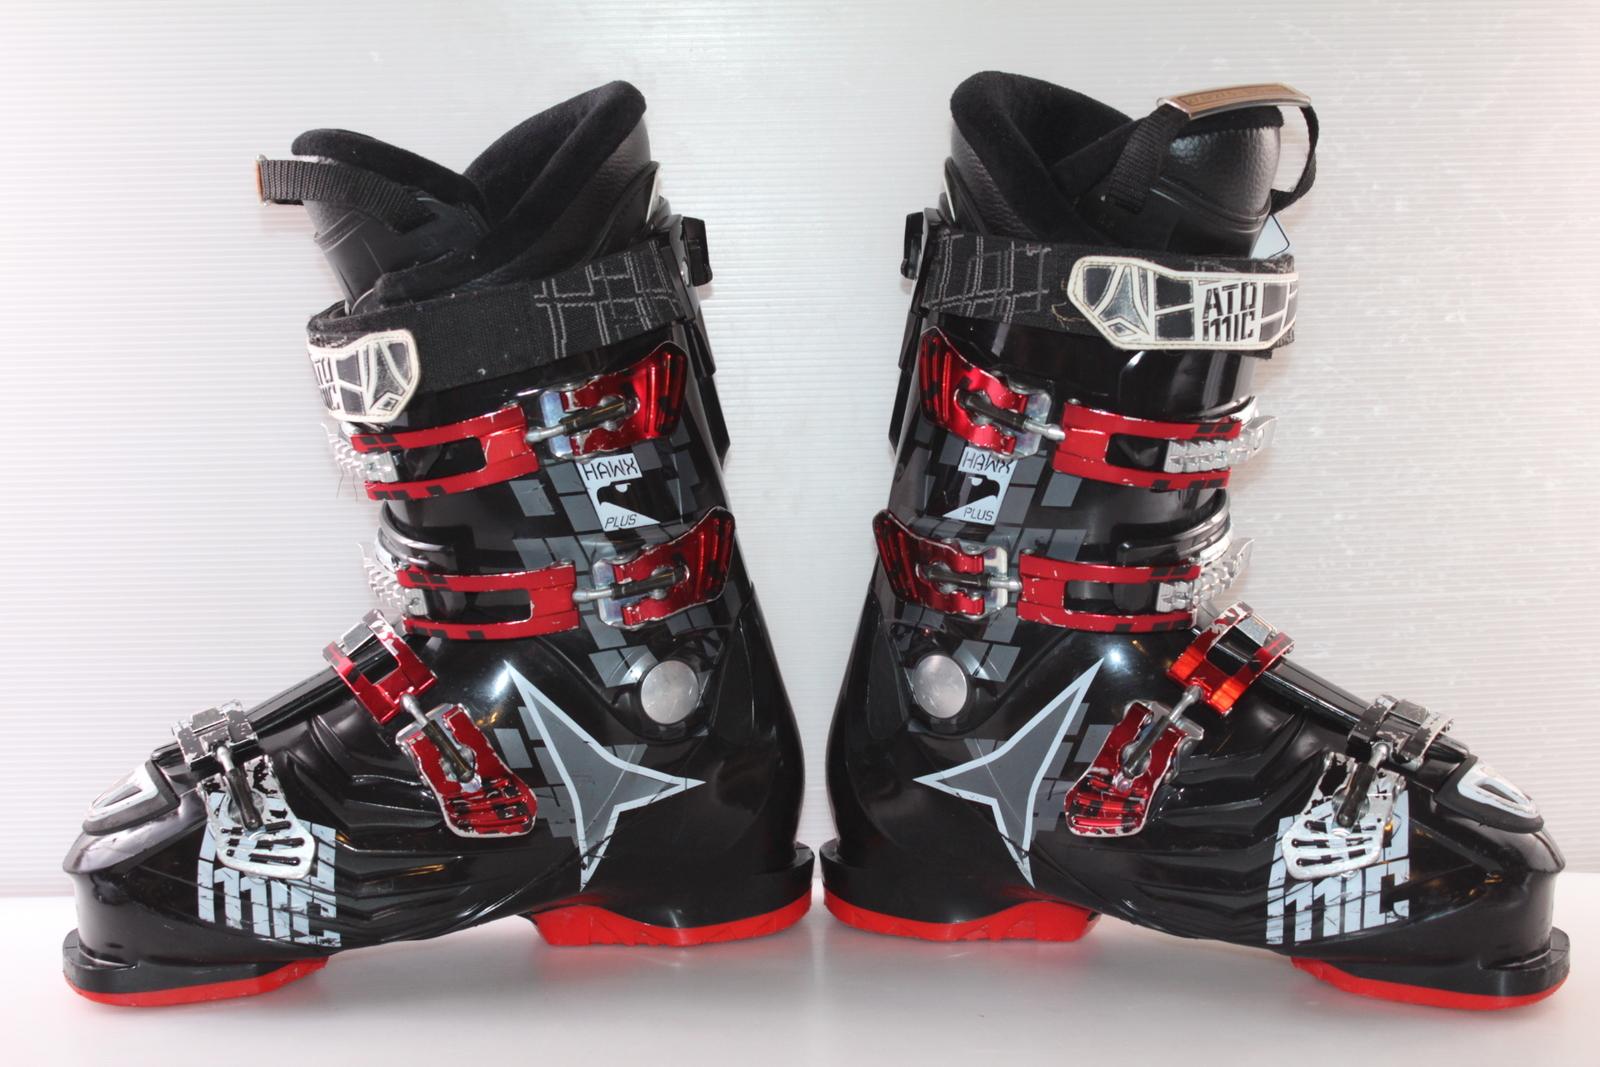 Lyžařské boty Atomic Hawx plus vel. EU42.5